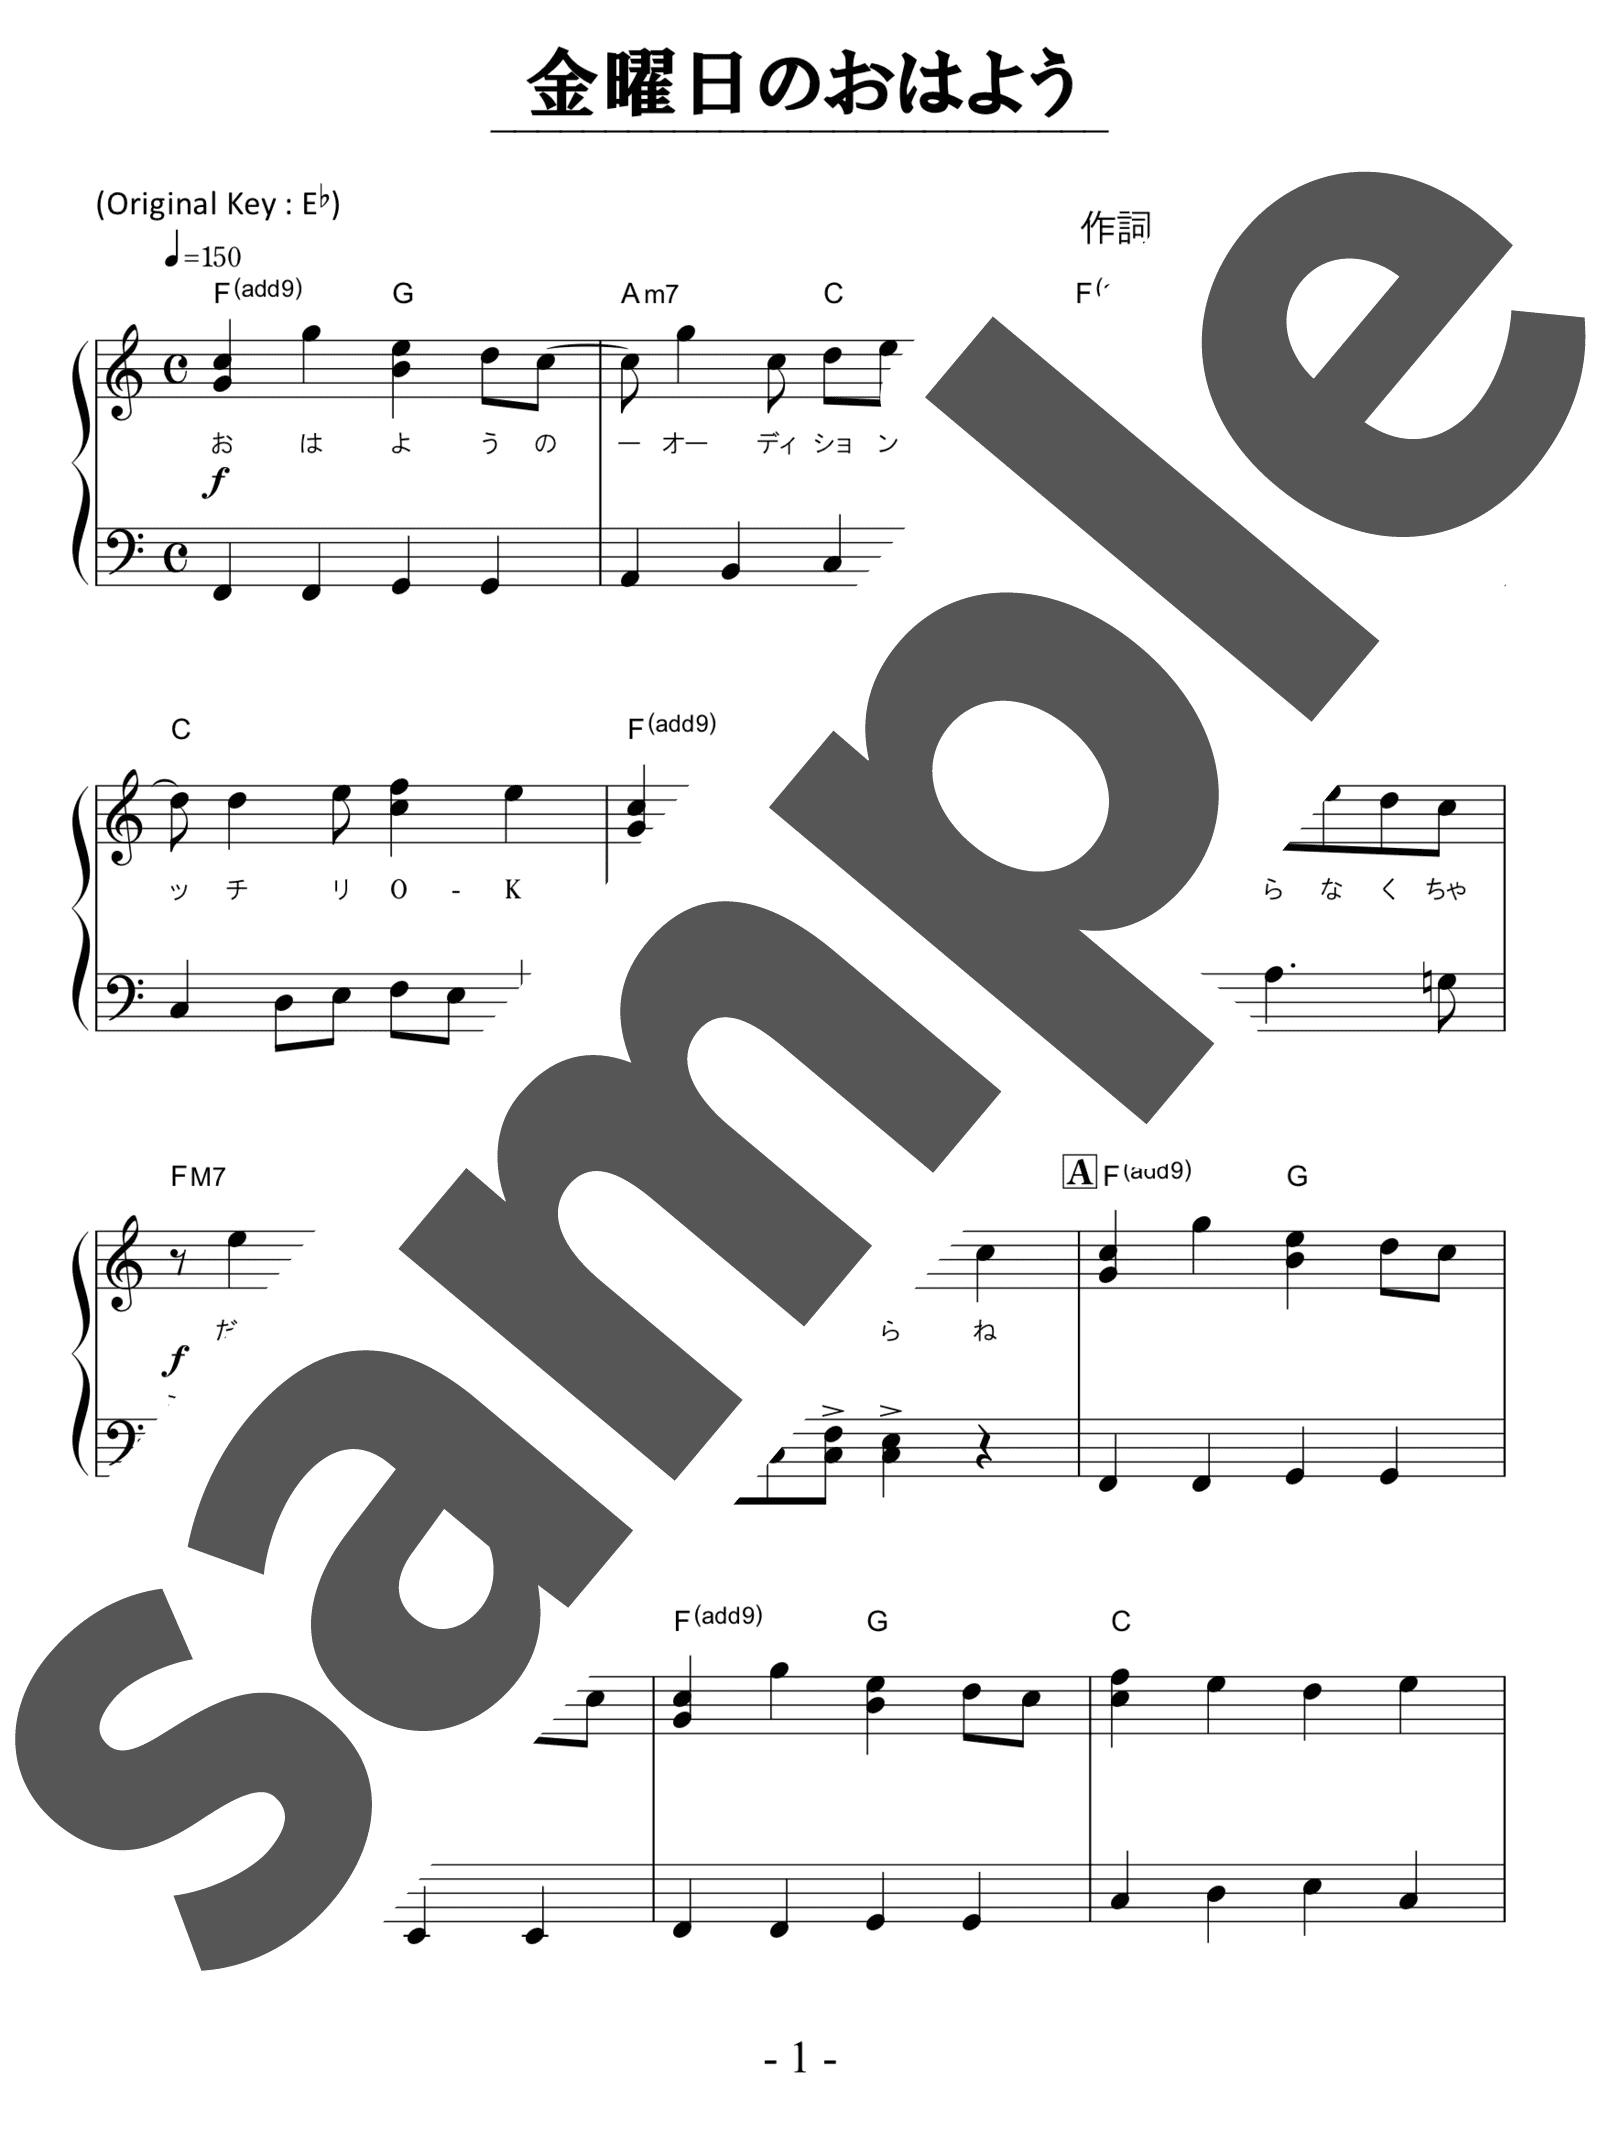 「金曜日のおはよう」のサンプル楽譜